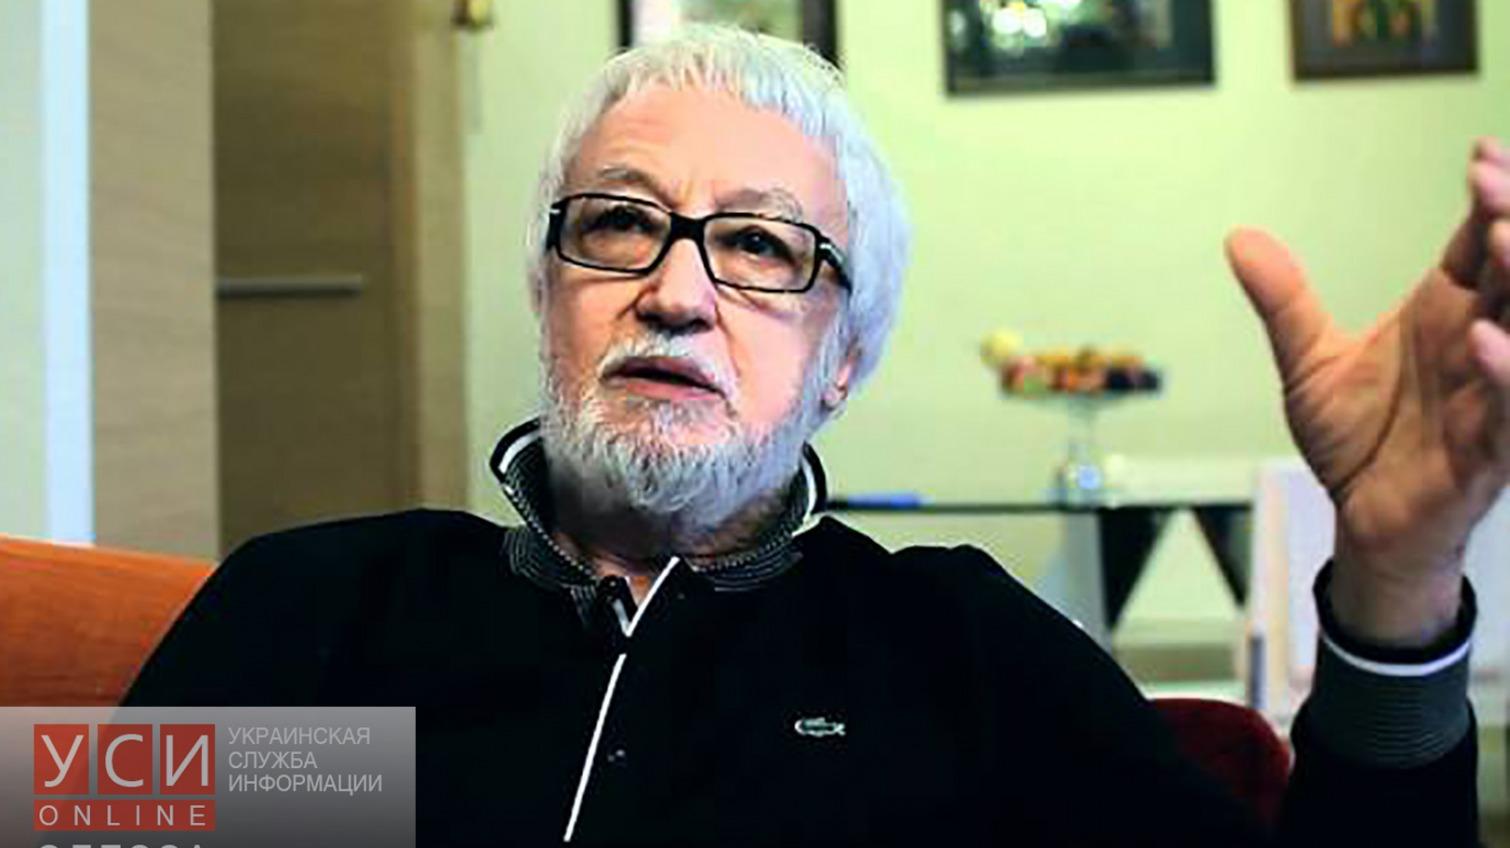 Создатель фильма «Д'Артаньян и три мушкетера» попал в реанимацию «фото»